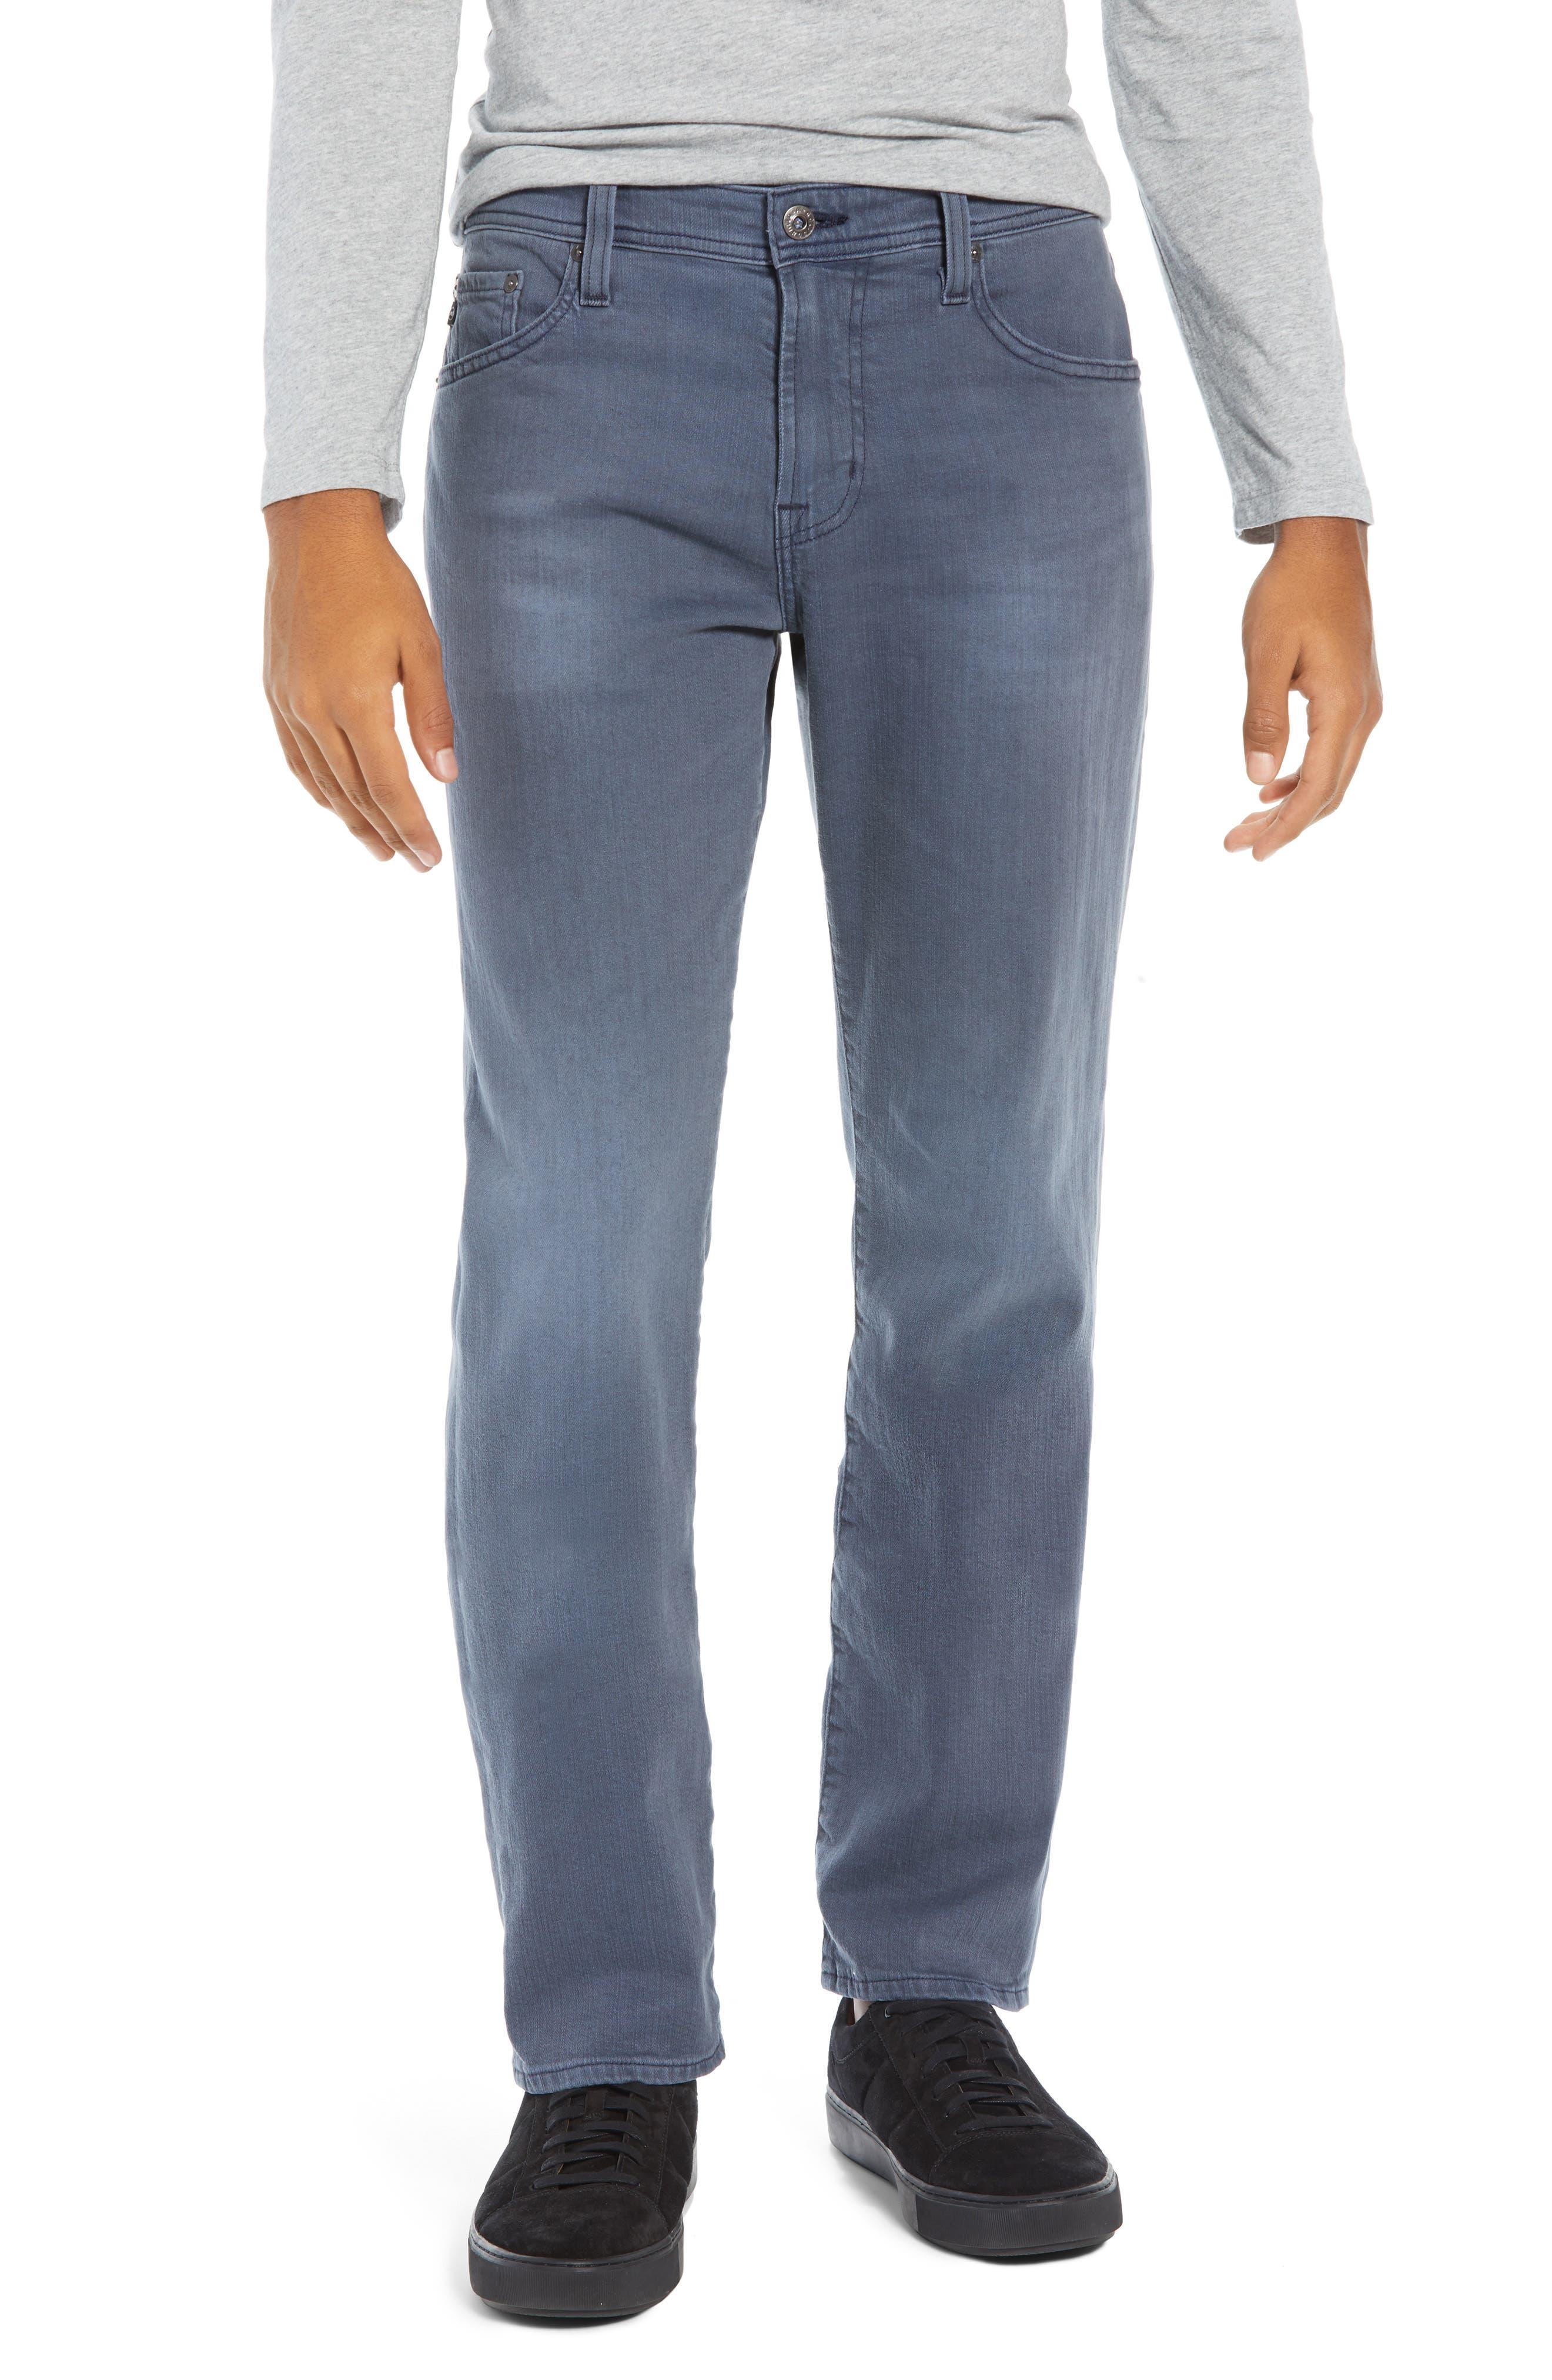 Graduate Slim Straight Leg Jeans,                         Main,                         color, FLUXING TIDES